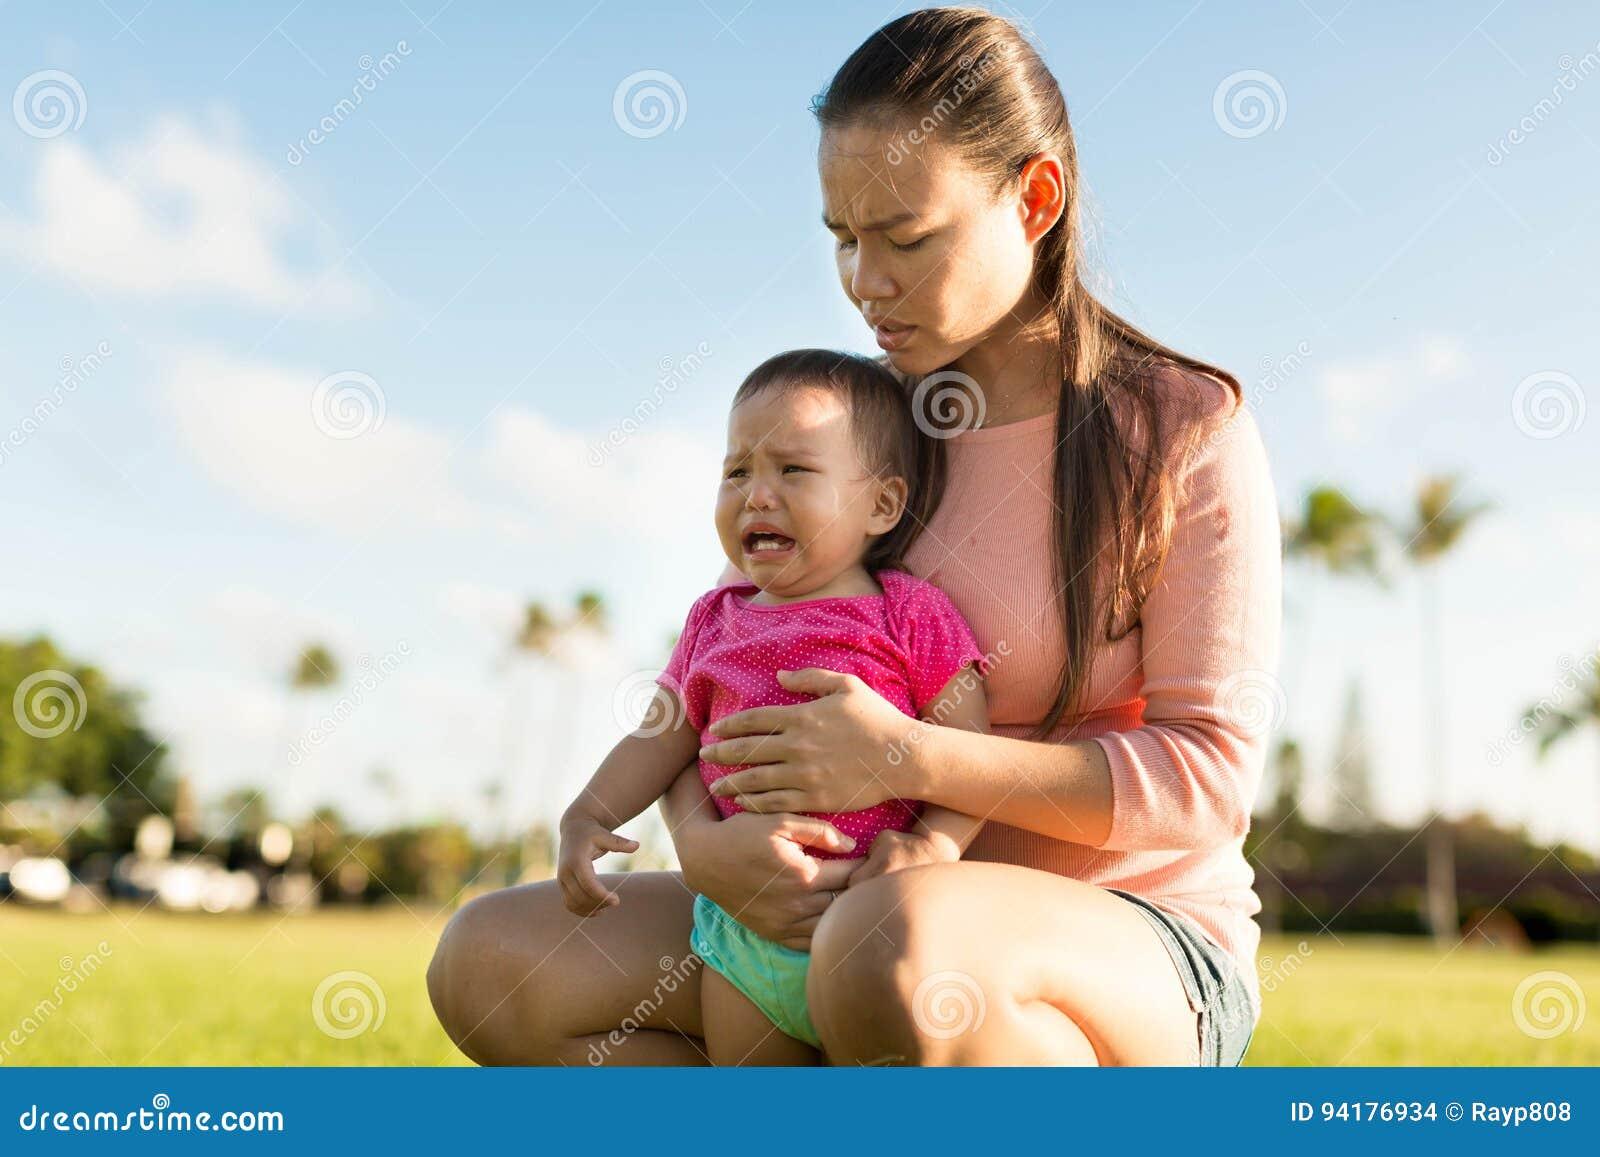 安慰她的年轻翻倒女儿的母亲